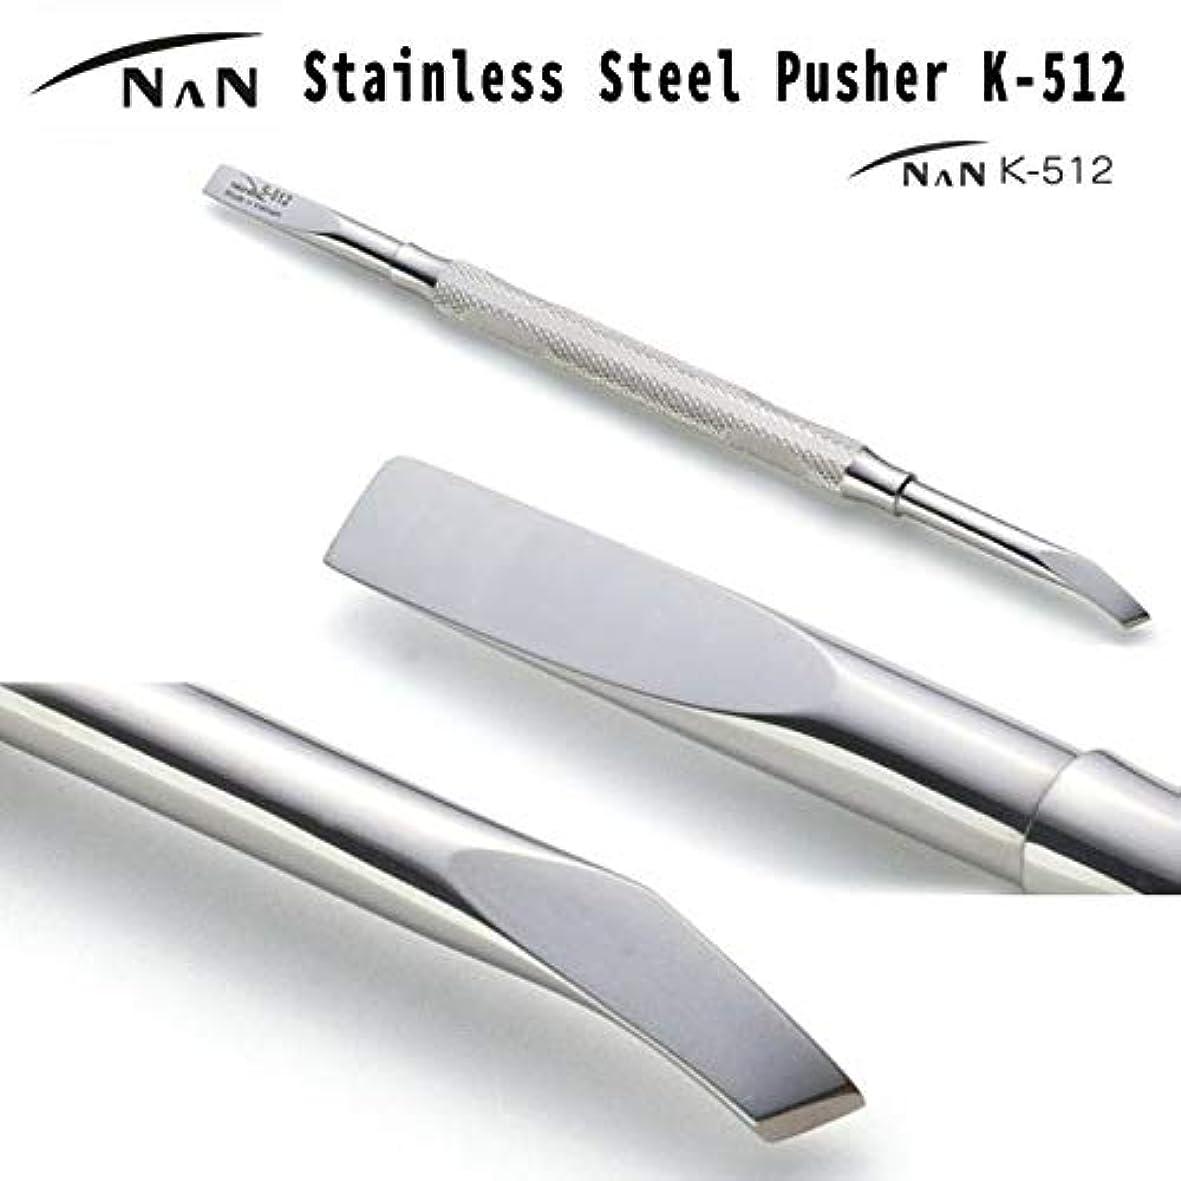 脚暫定の故障ネイル ステンレス プッシャー オフ スクレーパー NAN K-512